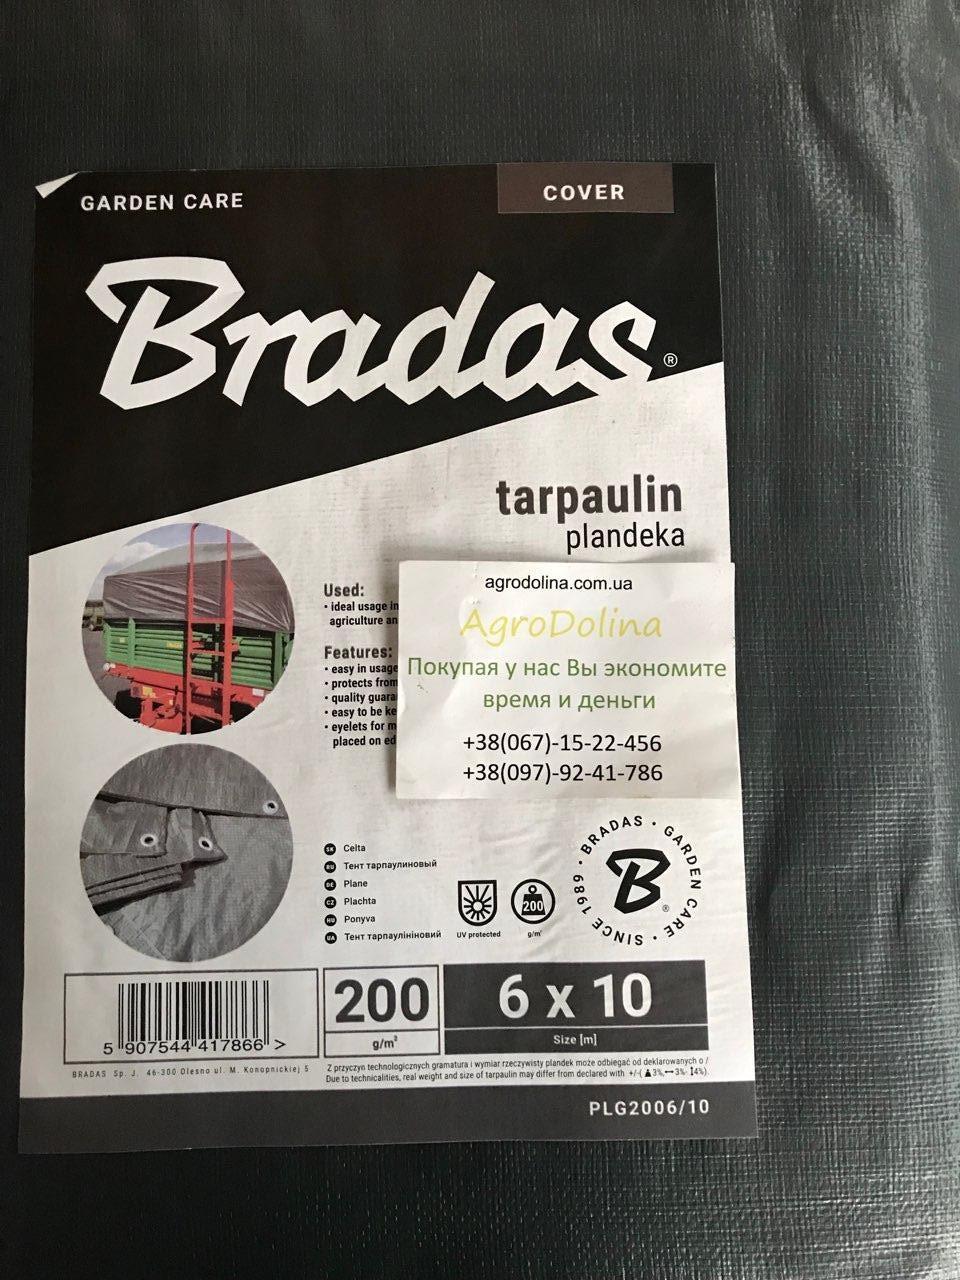 Тент Bradas темно-сірий тарпаулін 200 гр/м2, розмір 5х8м